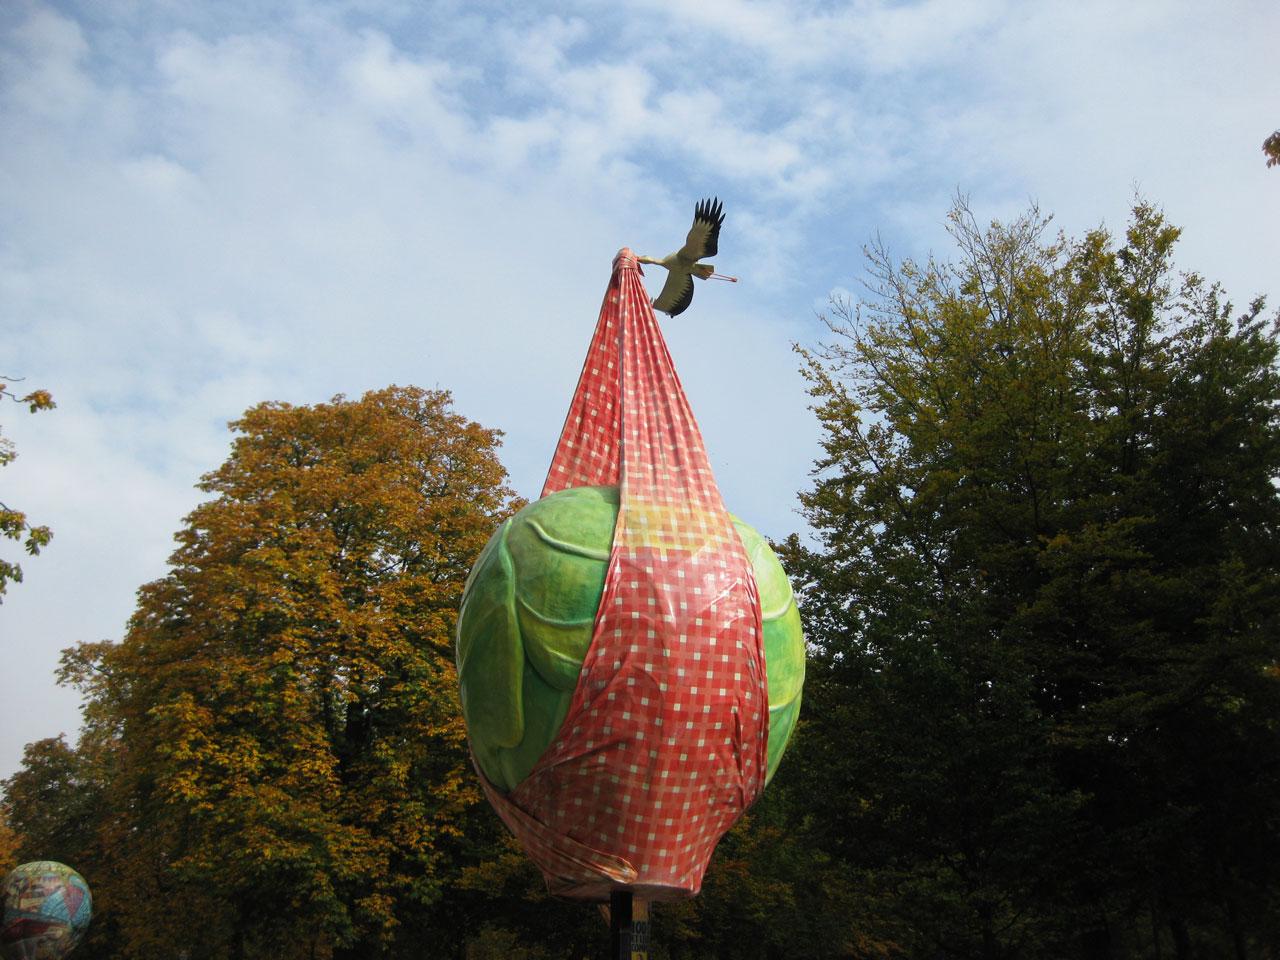 Brussels sprout sculpture, Parc de Bruxelles, Belgium